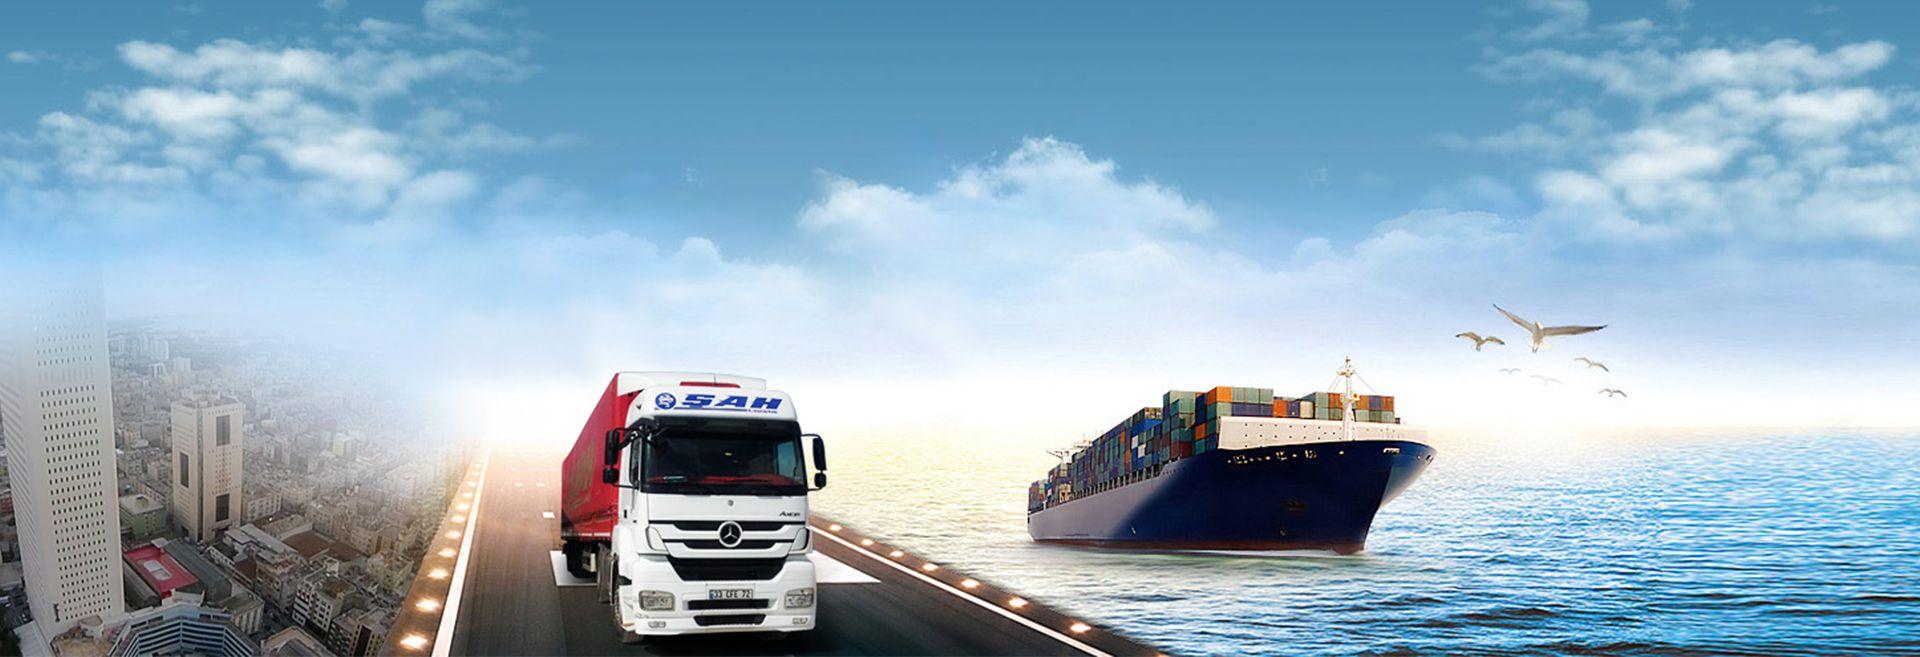 Karada, denizde veya havada hızlı, güvenli ve tam zamanında teslimat